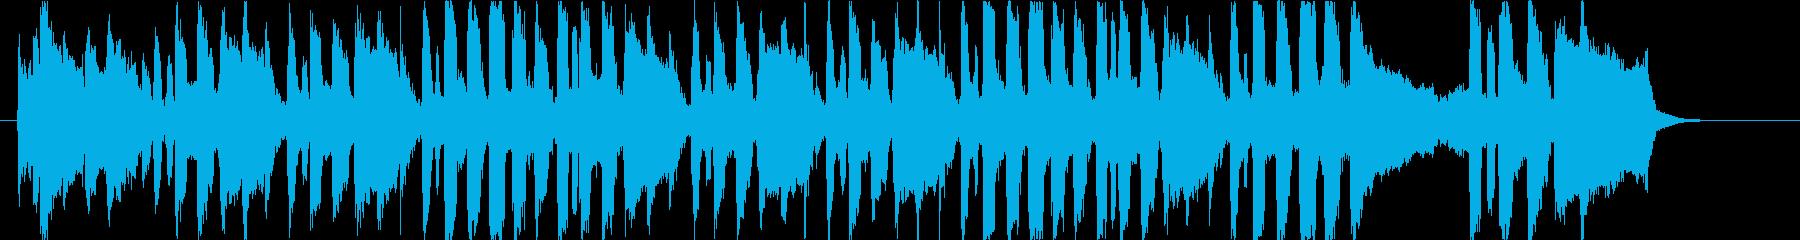 誕生日の歌(ワルツver) 【カイ】の再生済みの波形